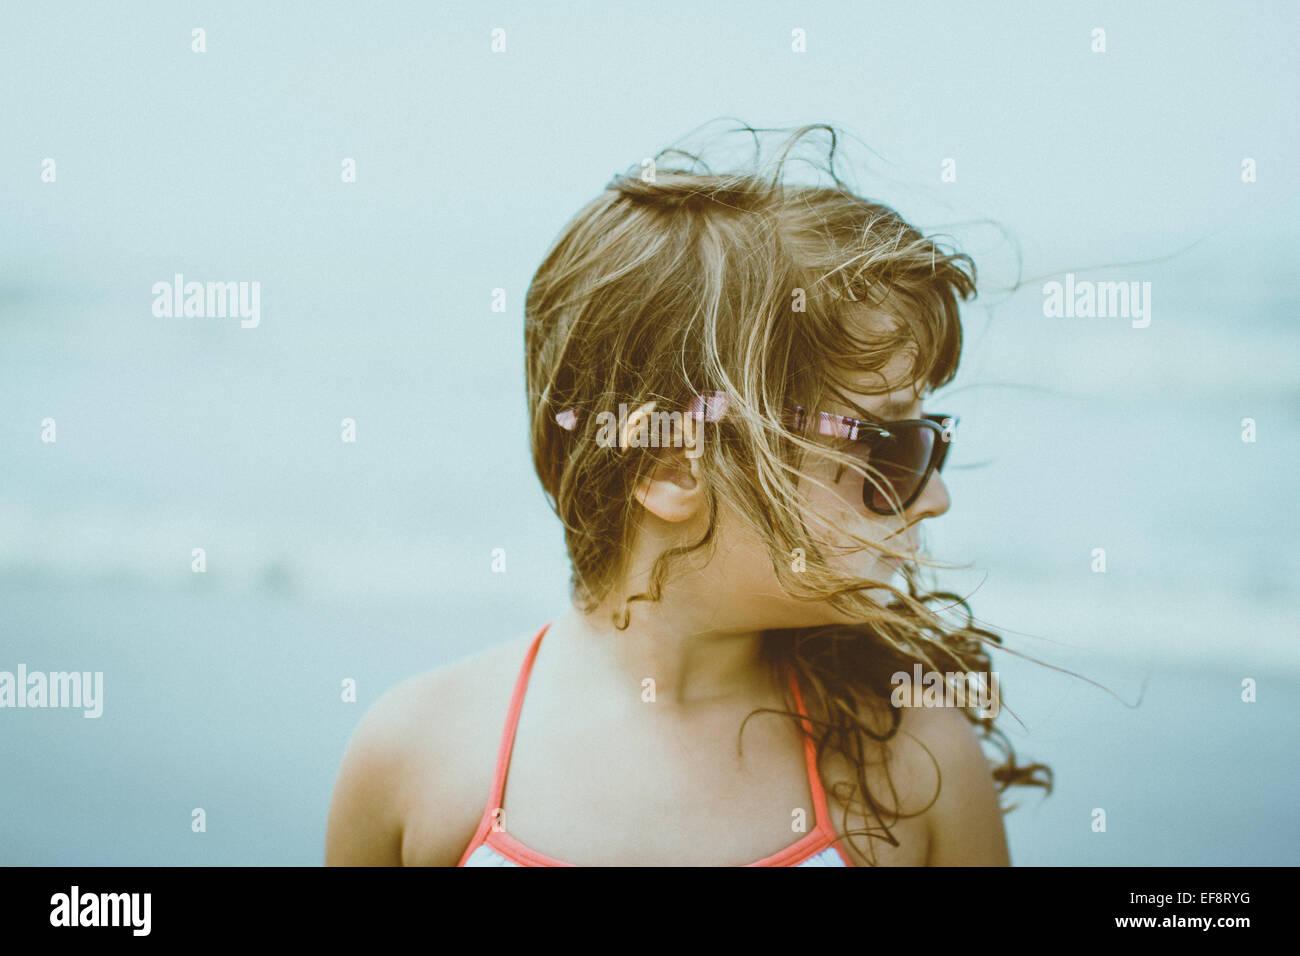 Ritratto di ragazza (4-5) con ventoso capelli biondi indossando occhiali da sole Immagini Stock